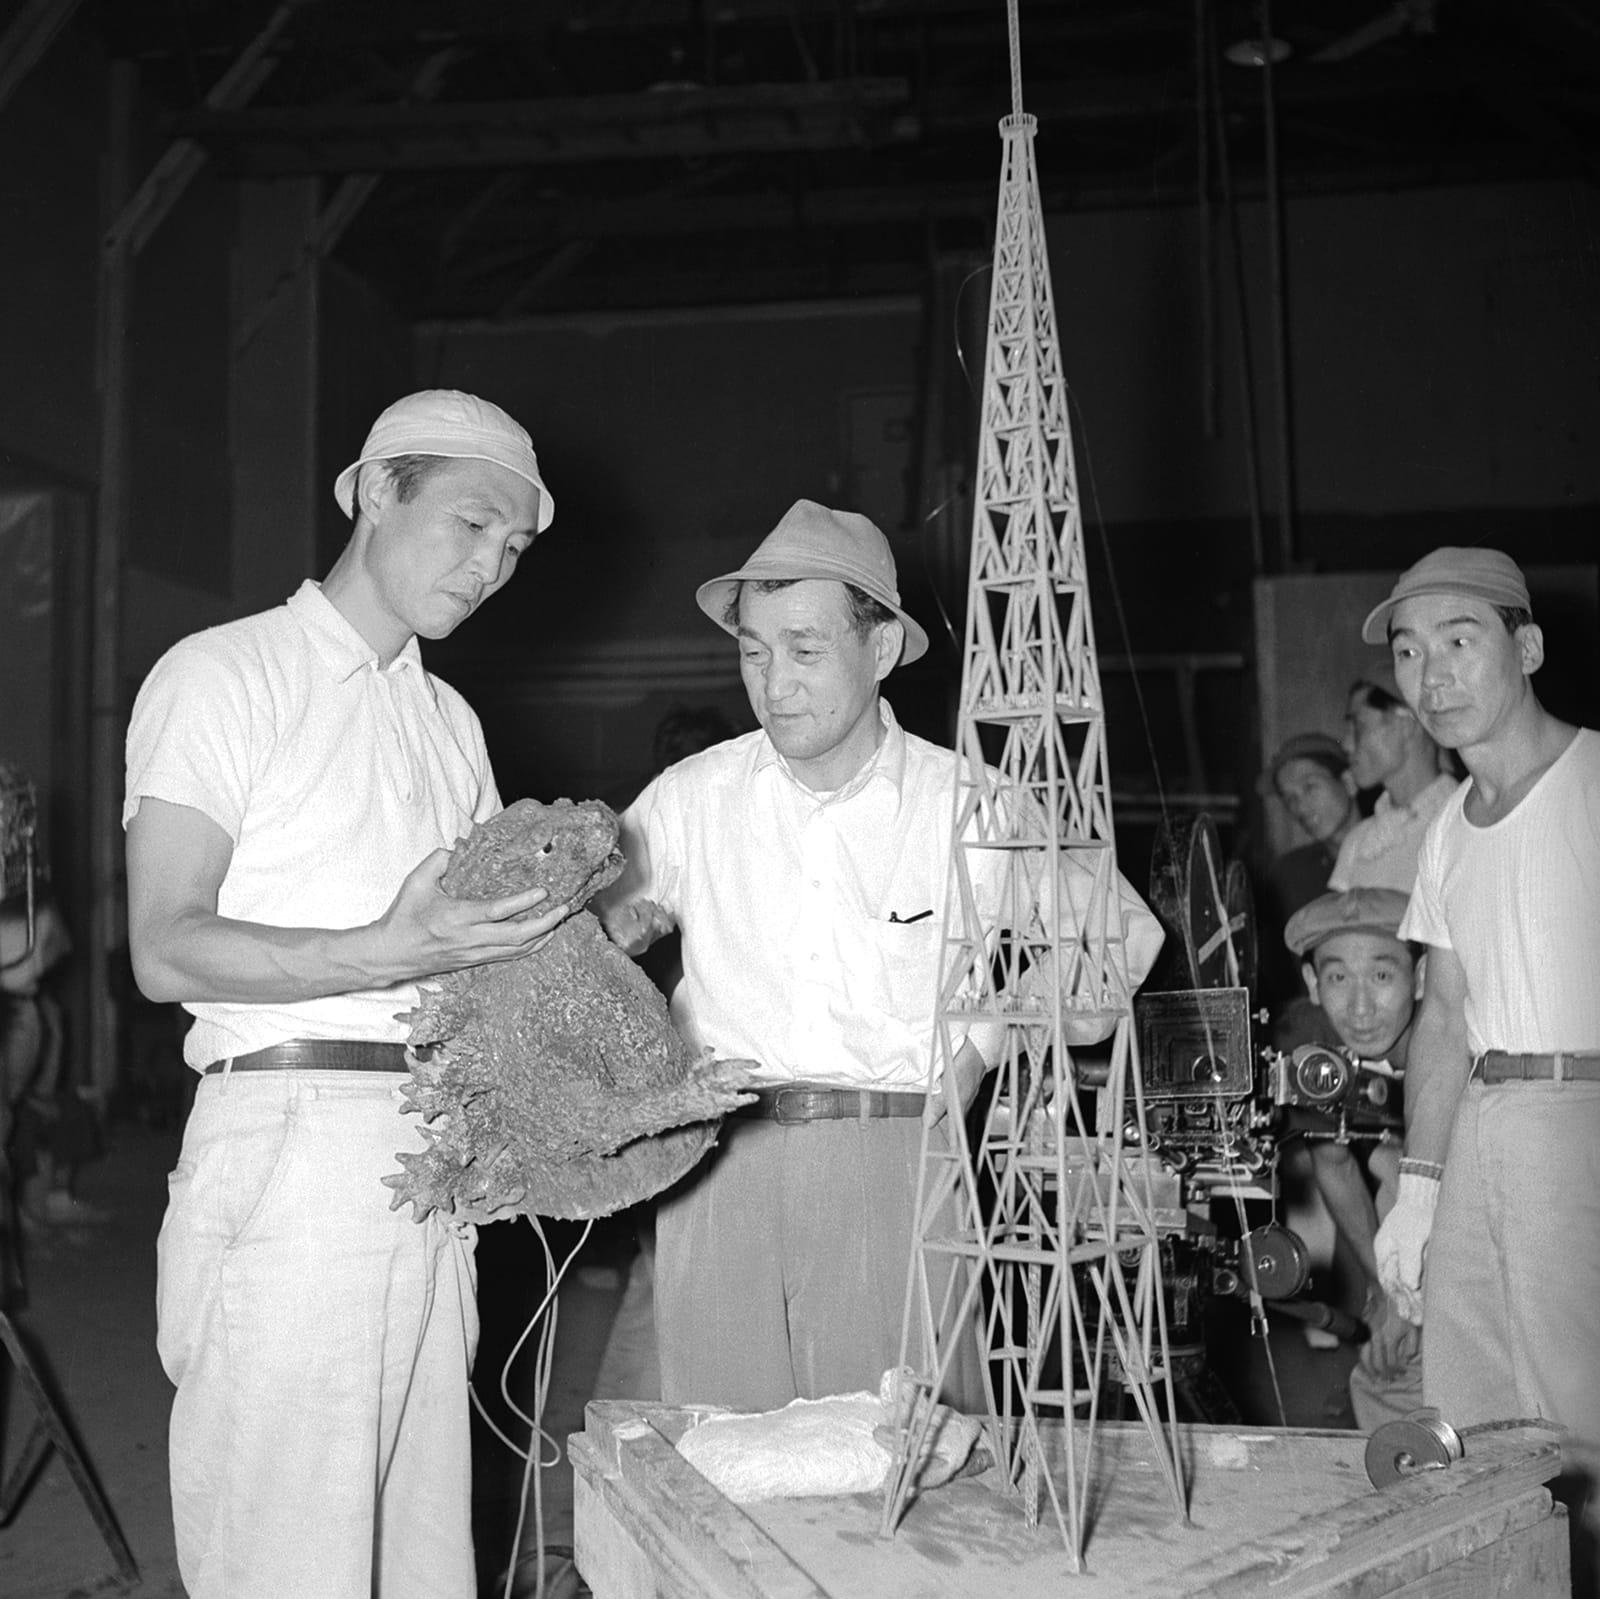 File:Inoshiro Honda and Godzilla.jpg